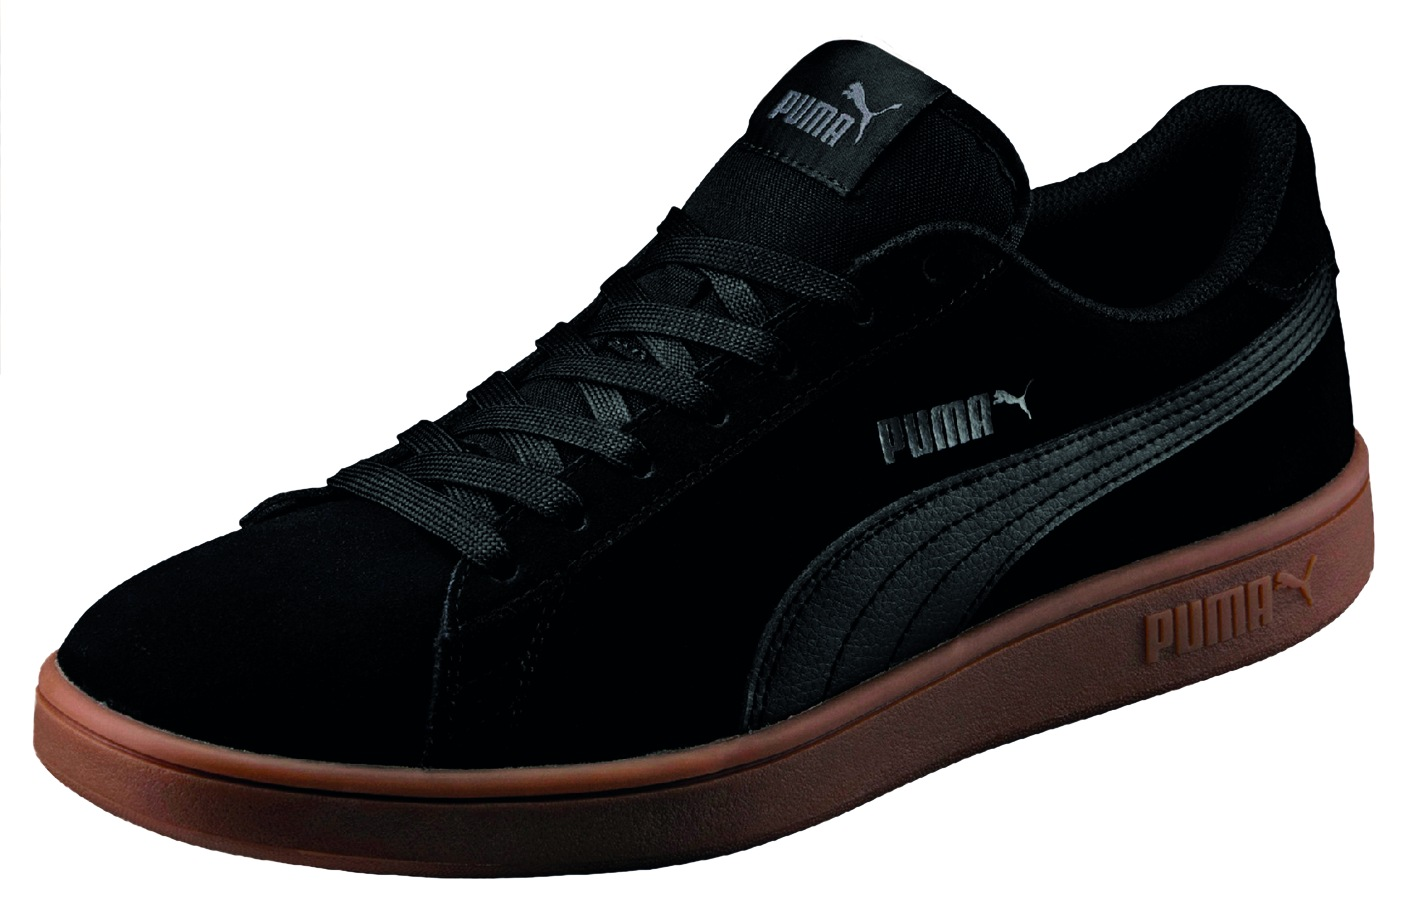 Puma Sport-Freizeit H.Halbschuh Schwarz 364989 15 BLACK